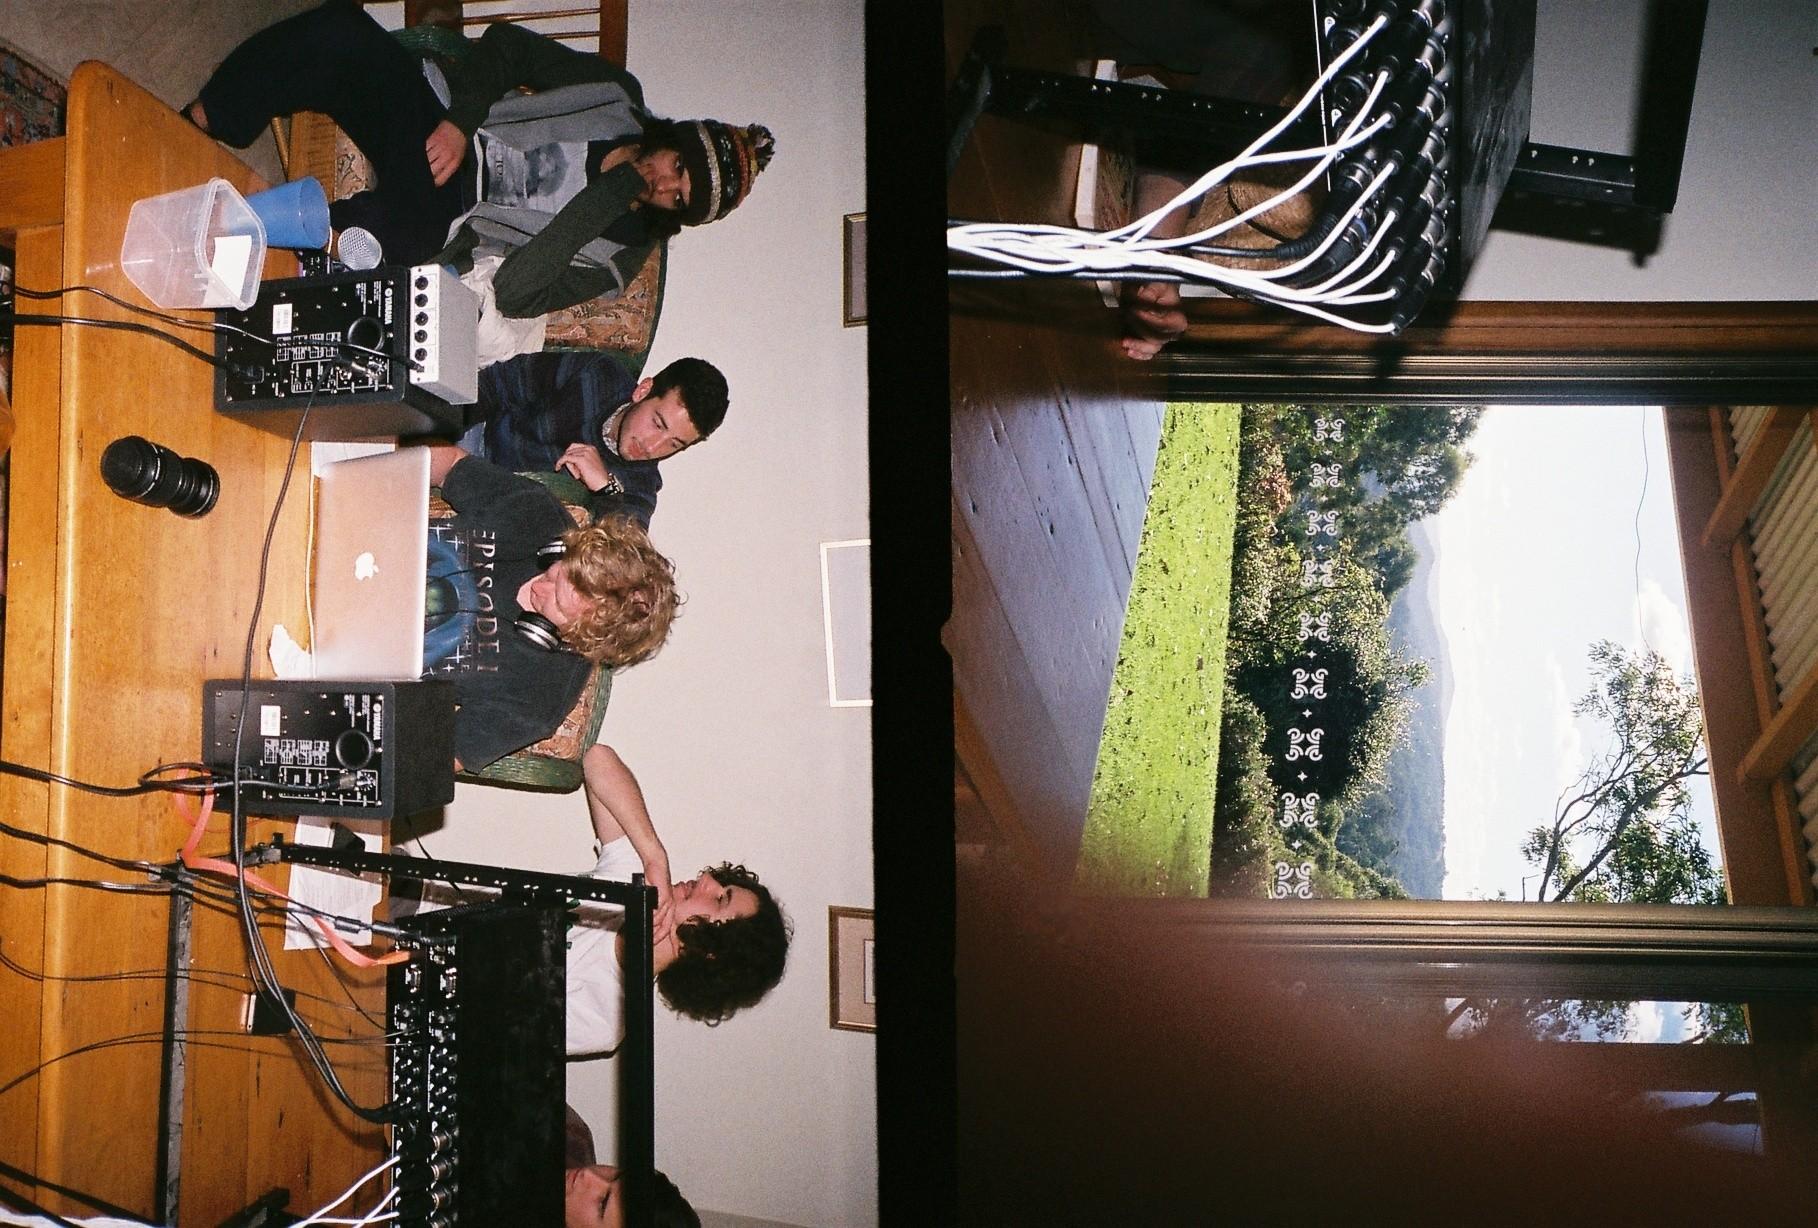 Maleny 2012 - GFilm #1.1